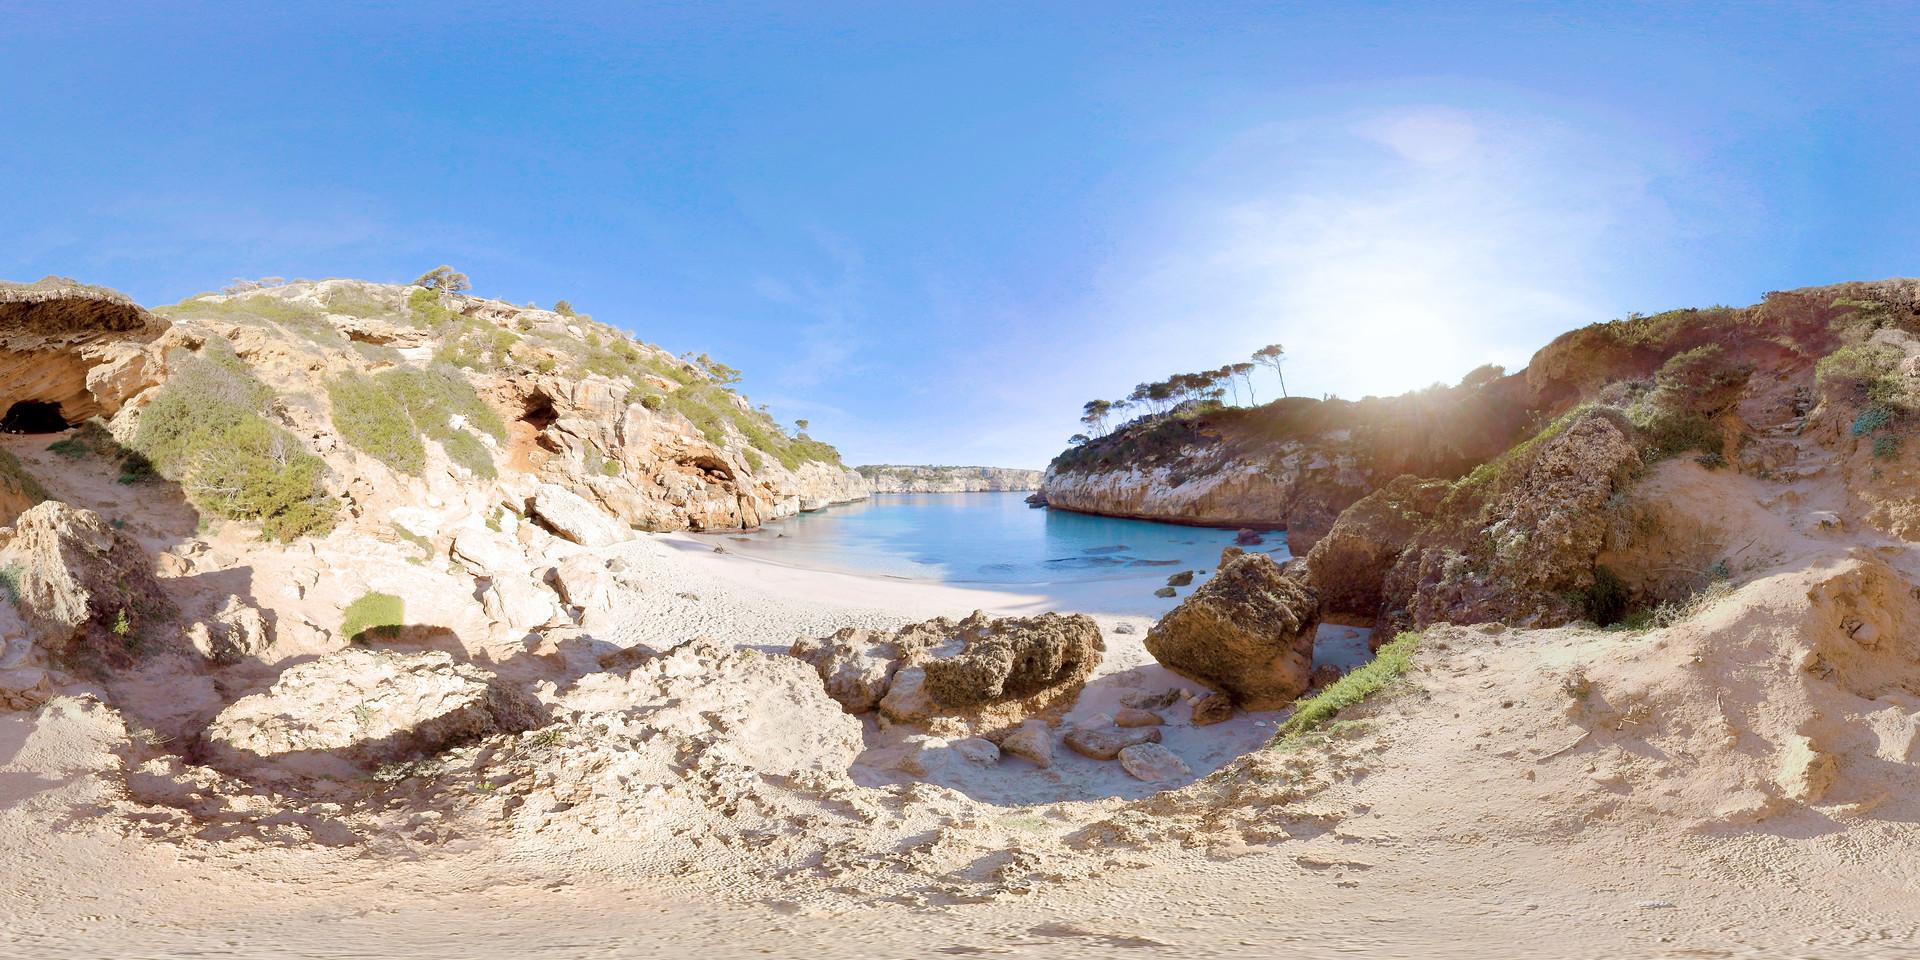 Dream Beach - Mallorca | Sphaeres VR Experience | 360° Video | 8K/2D